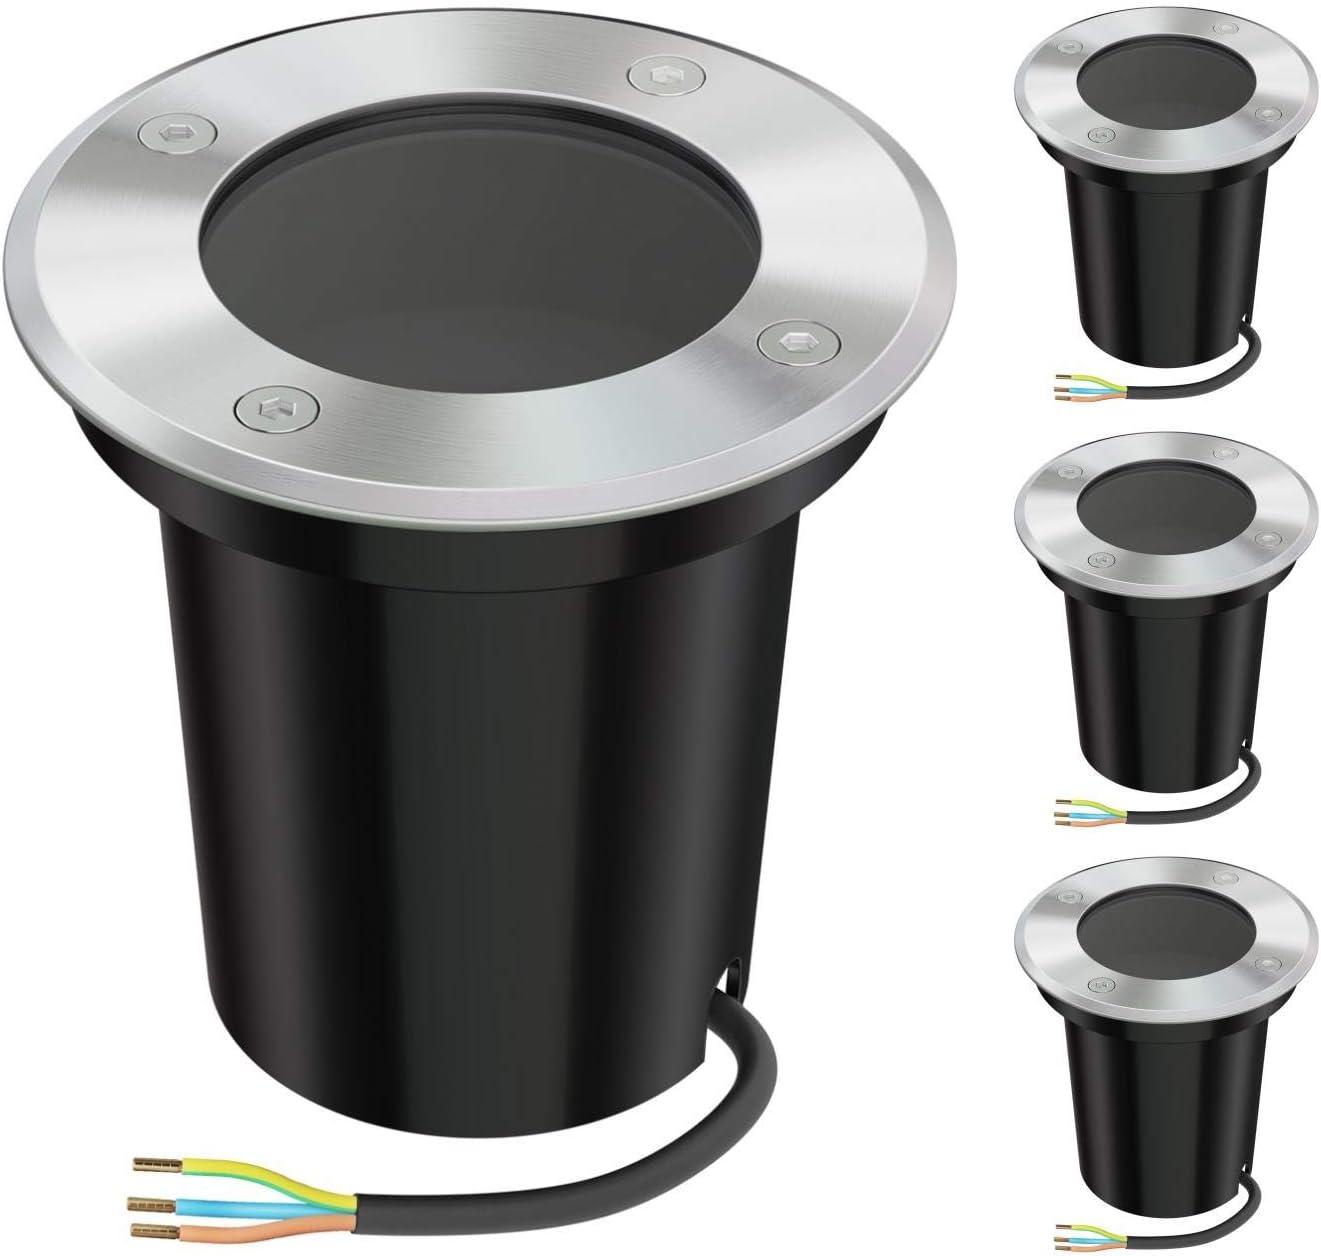 ledscom.de Foco empotrable en el suelo BOLI para exteriores redondo de acero inoxidable IP67 108mm Ø sin bombilla (GU10/PAR16), 4pcs.